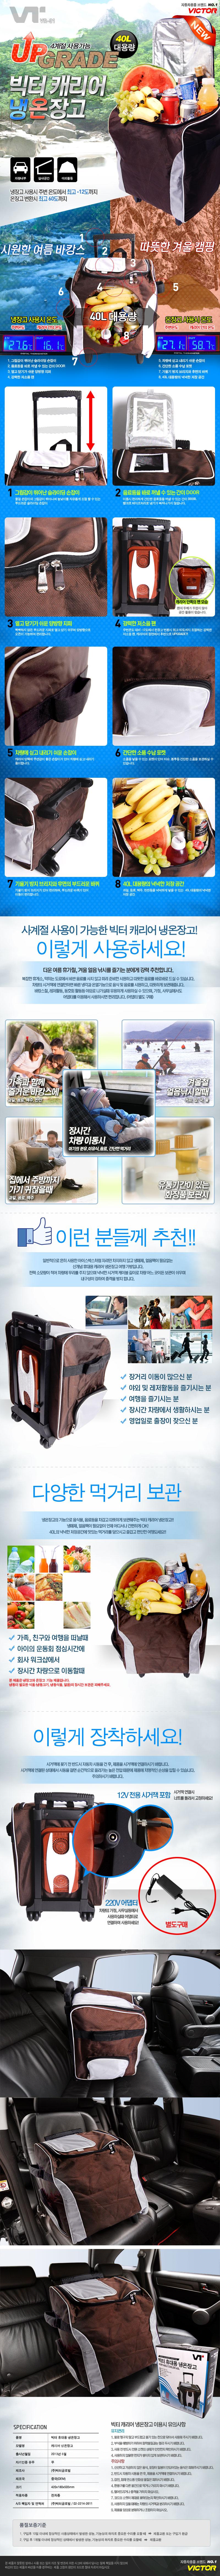 빅터 VR-01 냉온장고 캐리어/차량용 미니냉장고/캠핑용 냉장고/모비쿨/차량용 아이스박스/차량용 냉동고